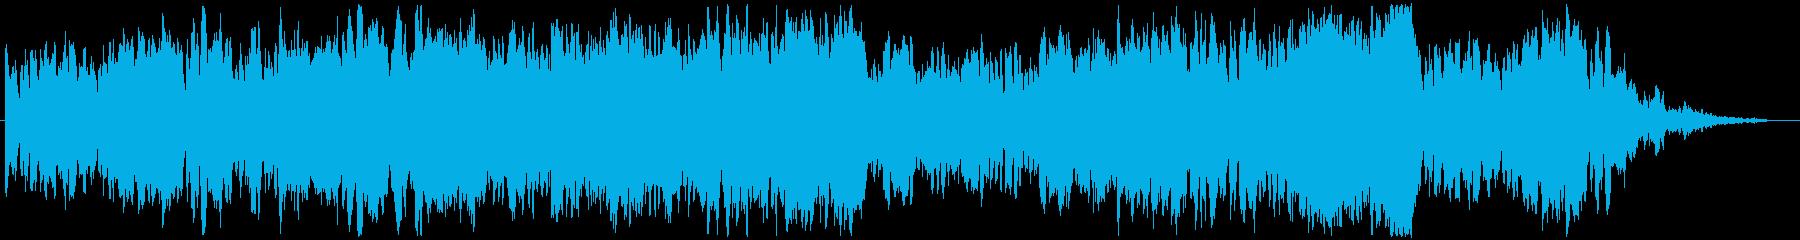 フィールド想定曲。ワクワク感溢れる王道系の再生済みの波形